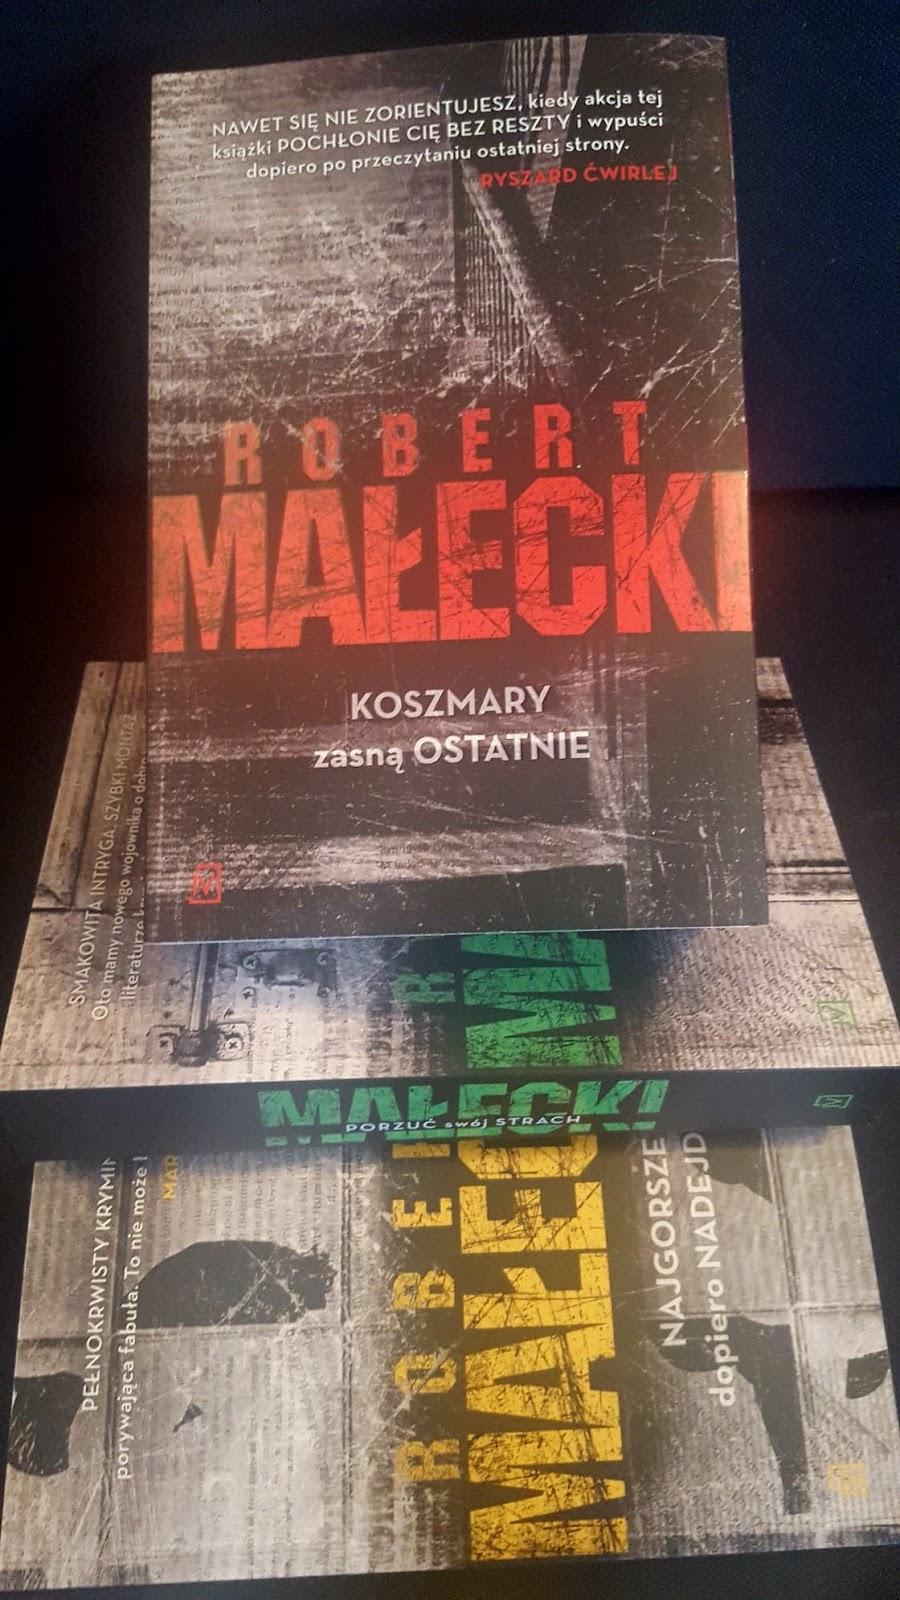 Robert Małecki - Koszmary zasną ostatnie